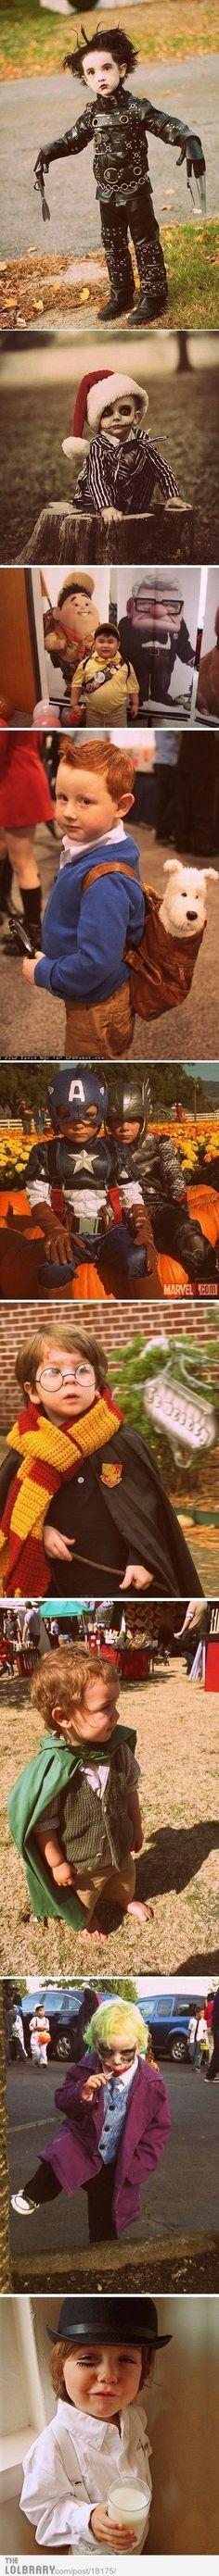 great halloween